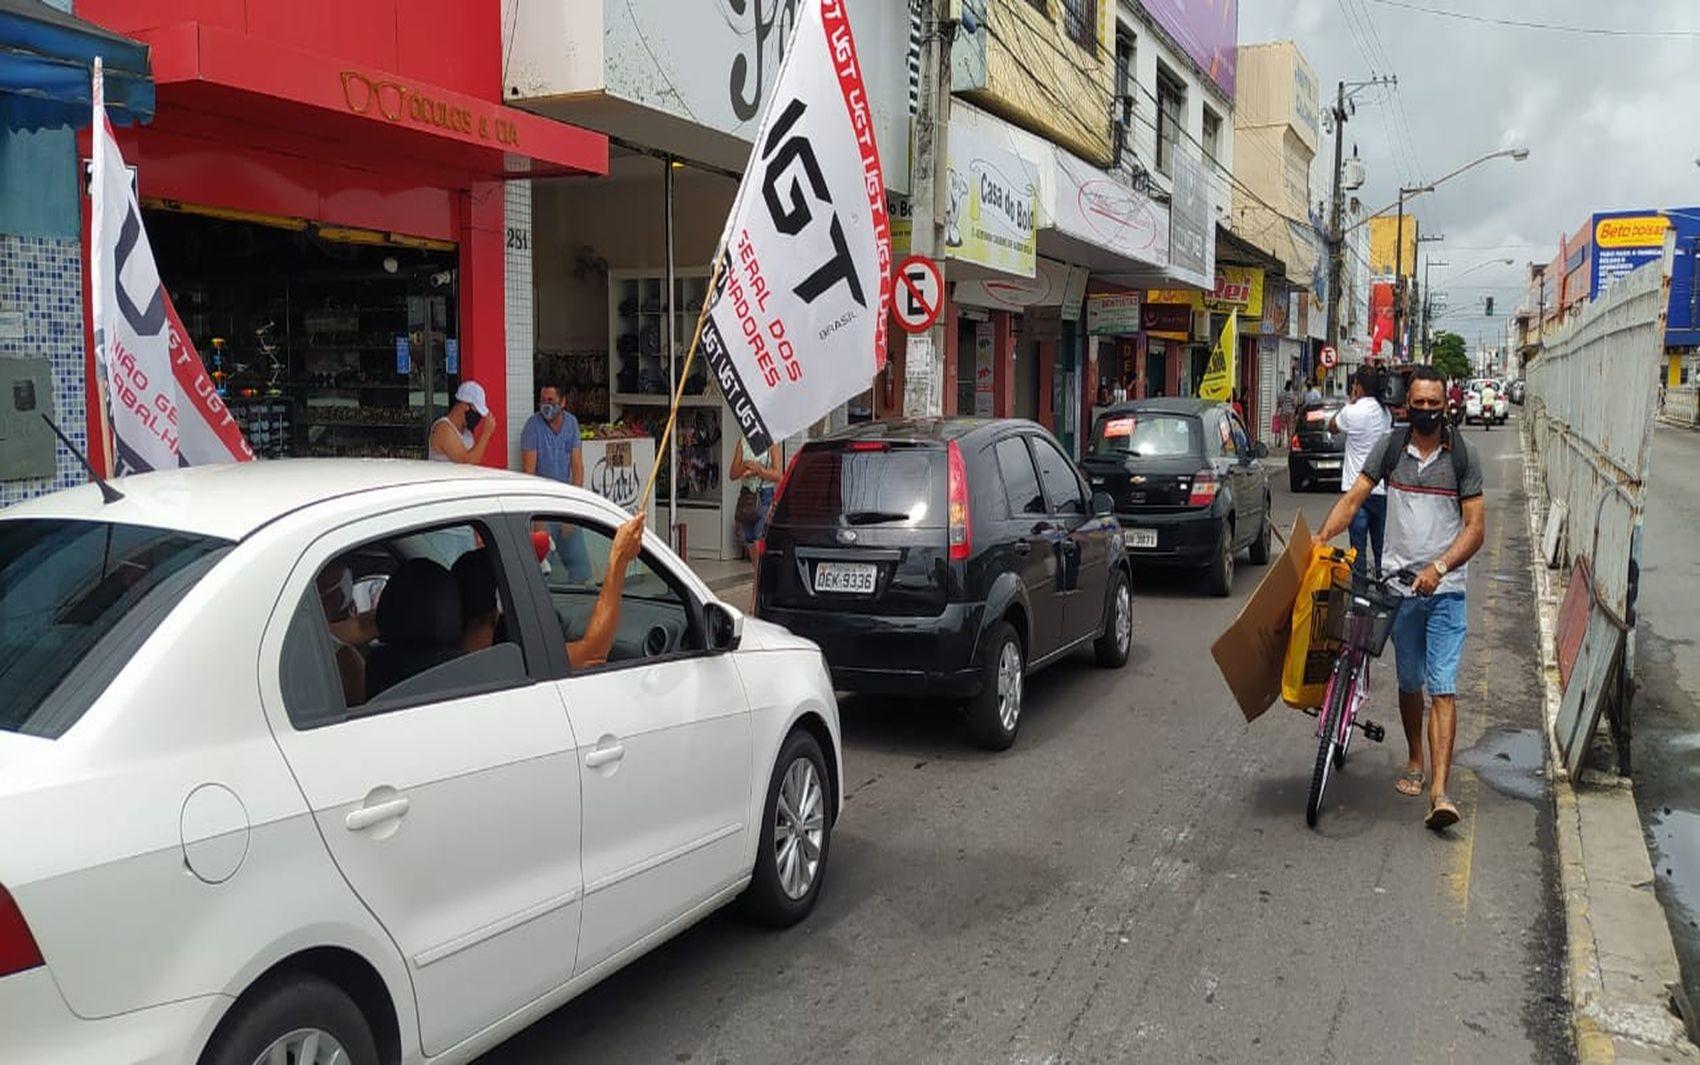 Carreata em Aracaju pede impeachment de Jair Bolsonaro, apoio a vacina e o retorno do auxílio emergencial